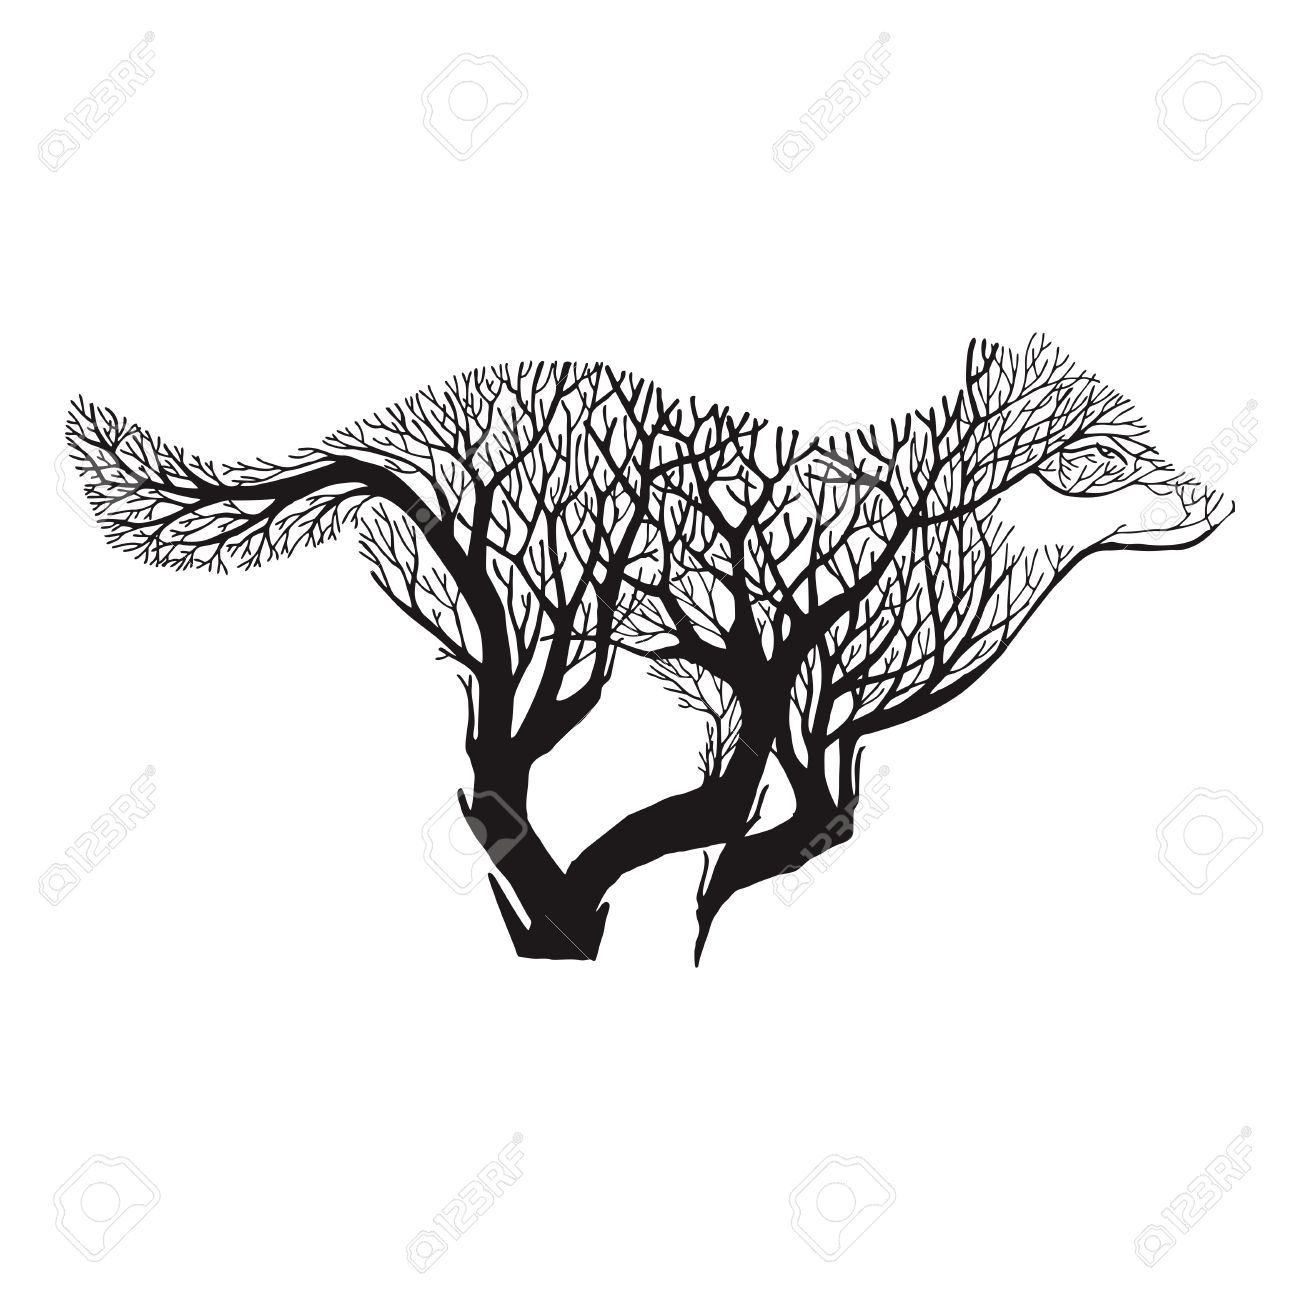 Lobo rbol De Ejecucin Mezcla De Dibujo Vectorial Tatuaje